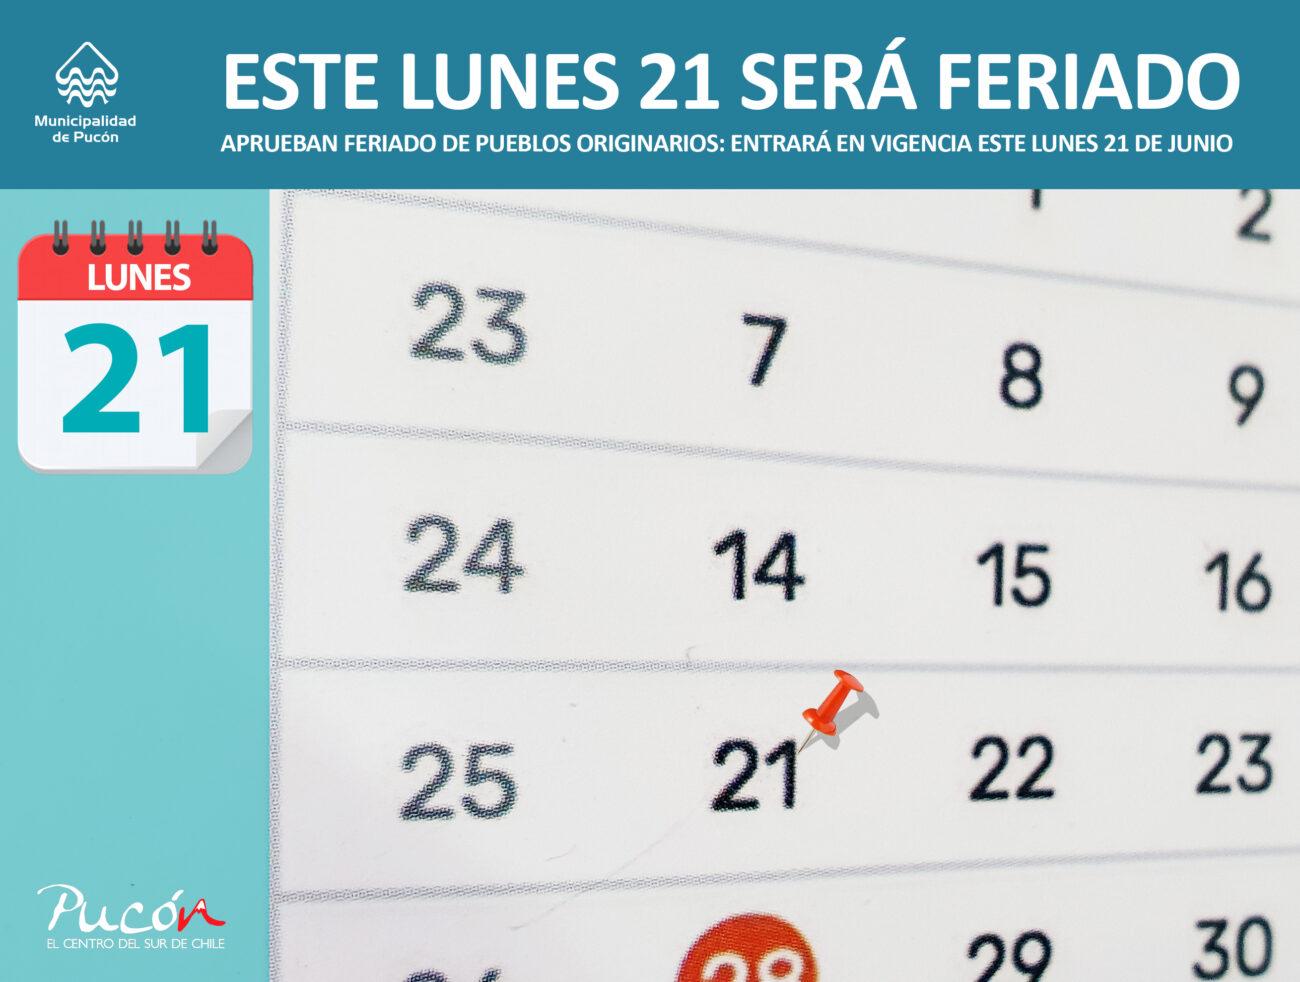 Lunes 21 de junio: Feriado por el día de los Pueblos Originarios